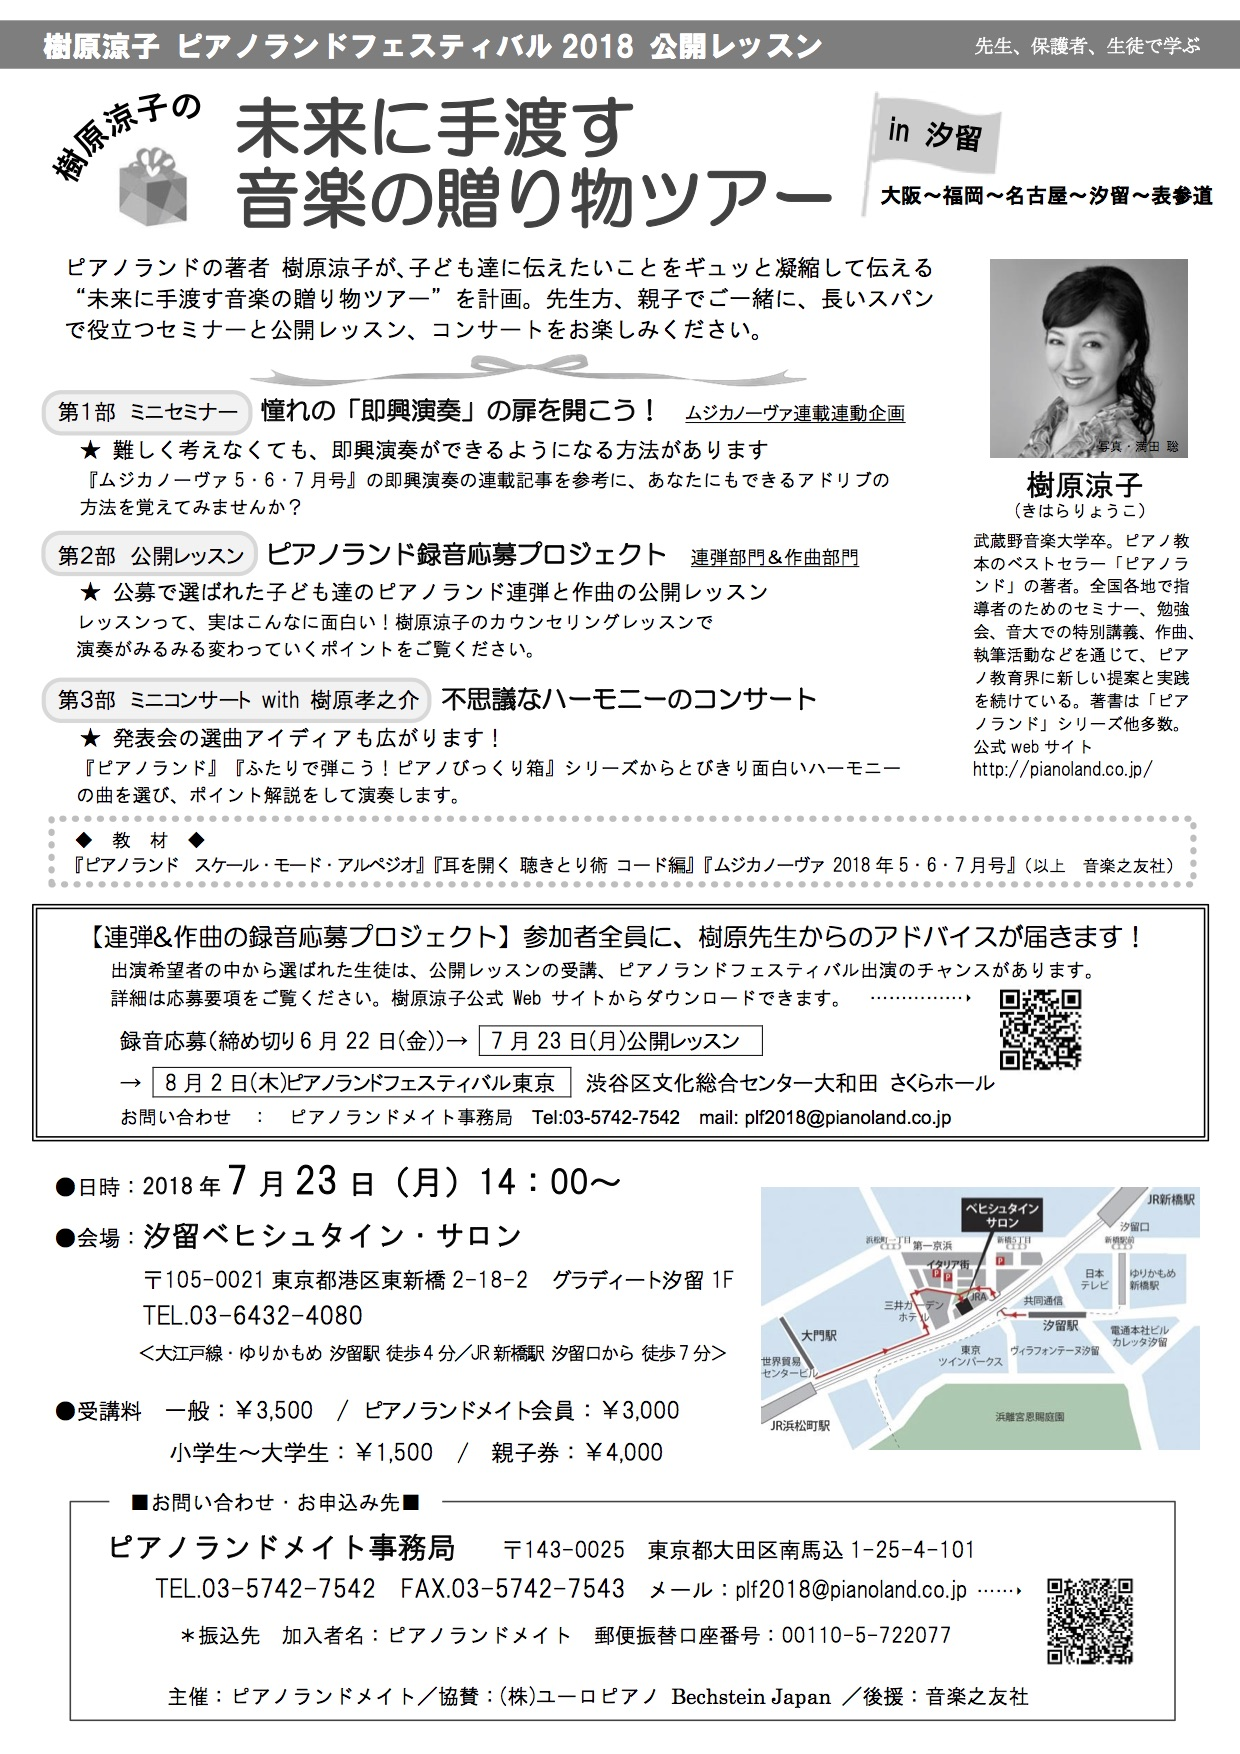 樹原涼子の 未来に手渡す音楽の贈り物ツアー in 汐留